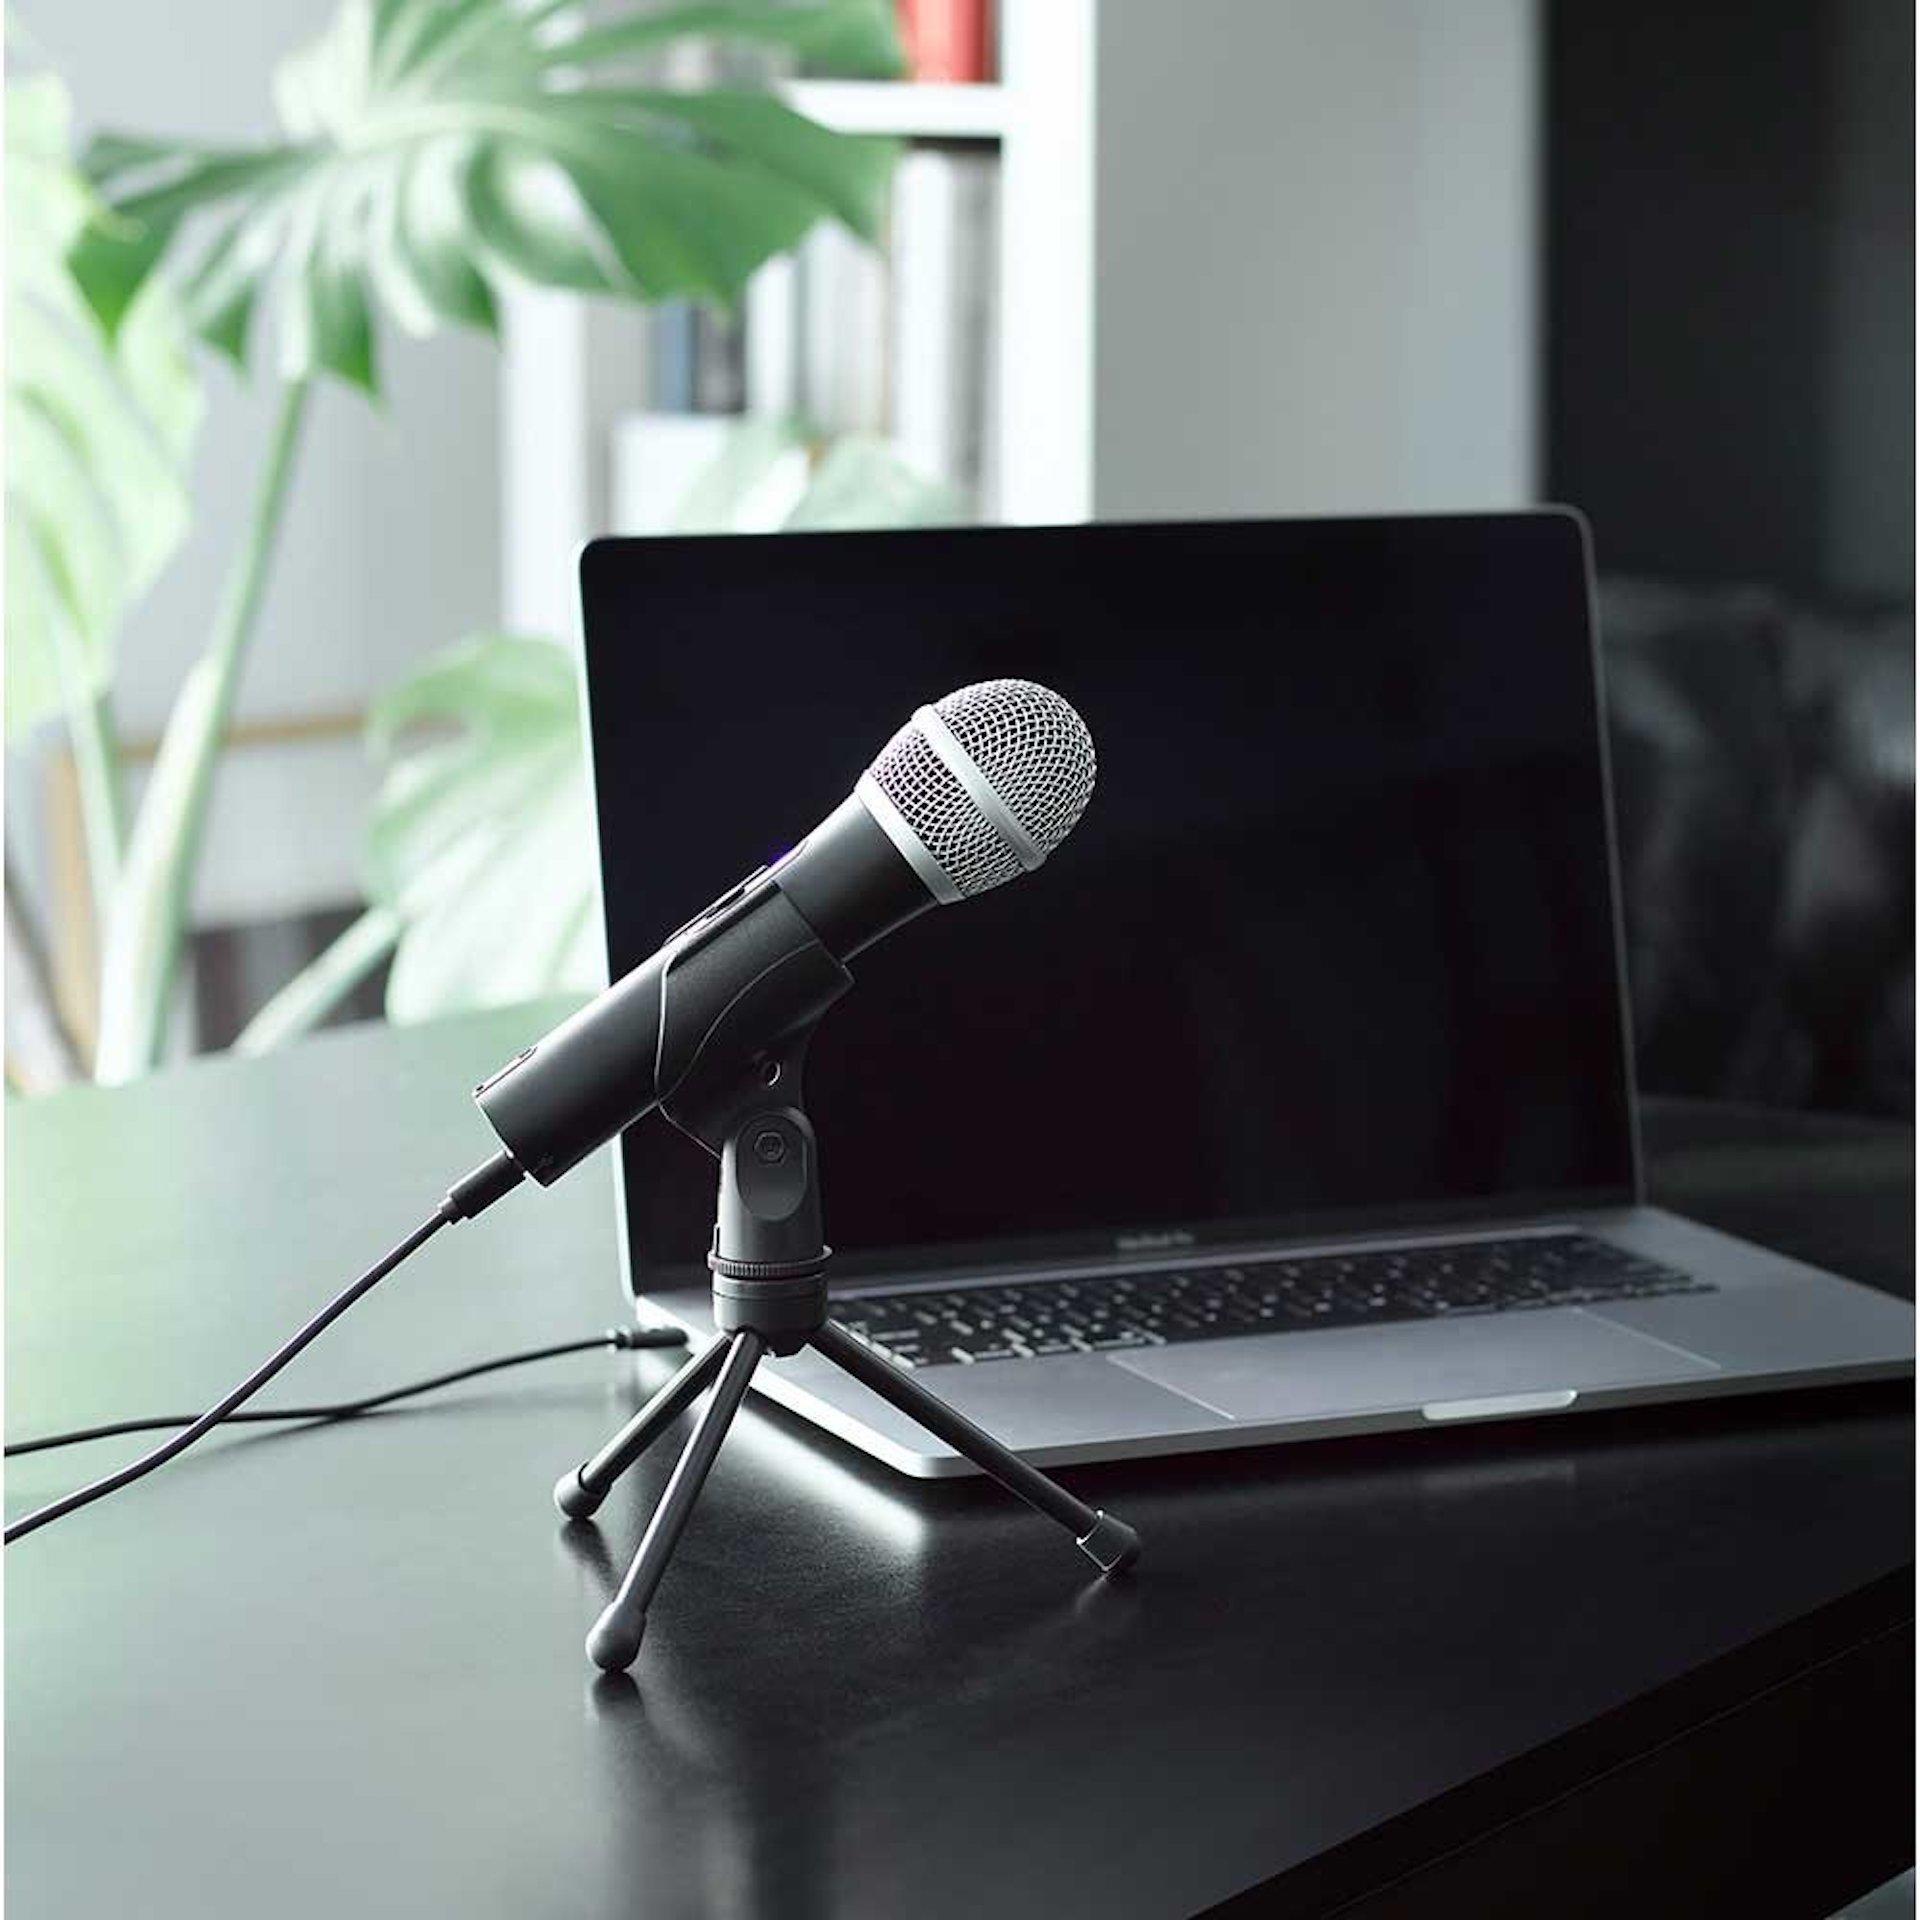 YouTubeからPodcastまで!コンテンツ制作に役立つATおすすめマイク5選